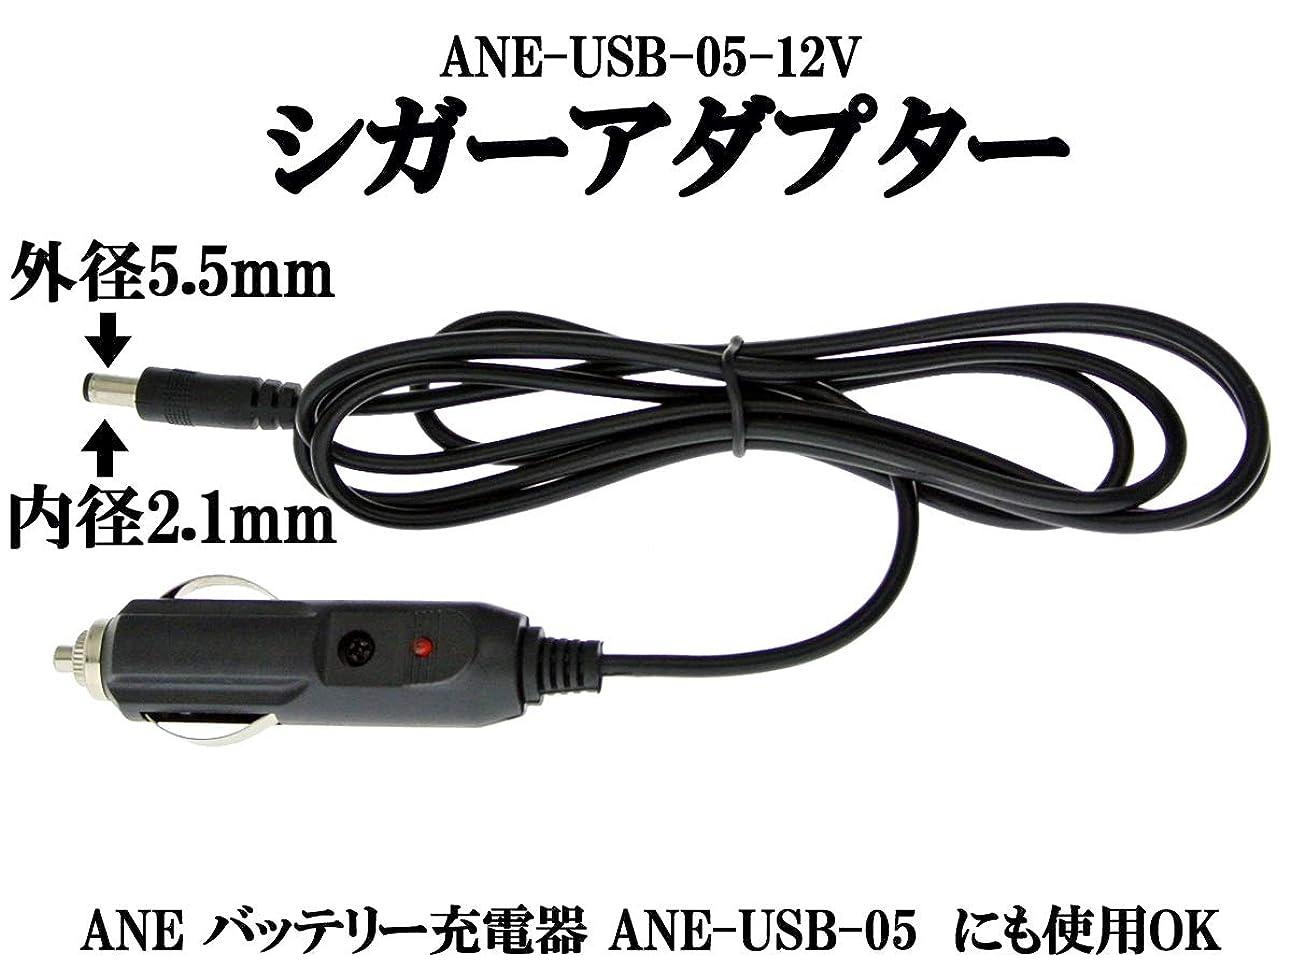 モーターアリ暗殺するANE-USB-05-12V シガーアダプター シガーソケット 接続 アダプター 車のシガーソケットに接続して色々な機器に接続できるアダプターです。(このシガーアダプターはANE-USB-05 バッテリー充電器に使用できます) 内蔵ヒューズ5A (6mmX30mm円筒 交換可)